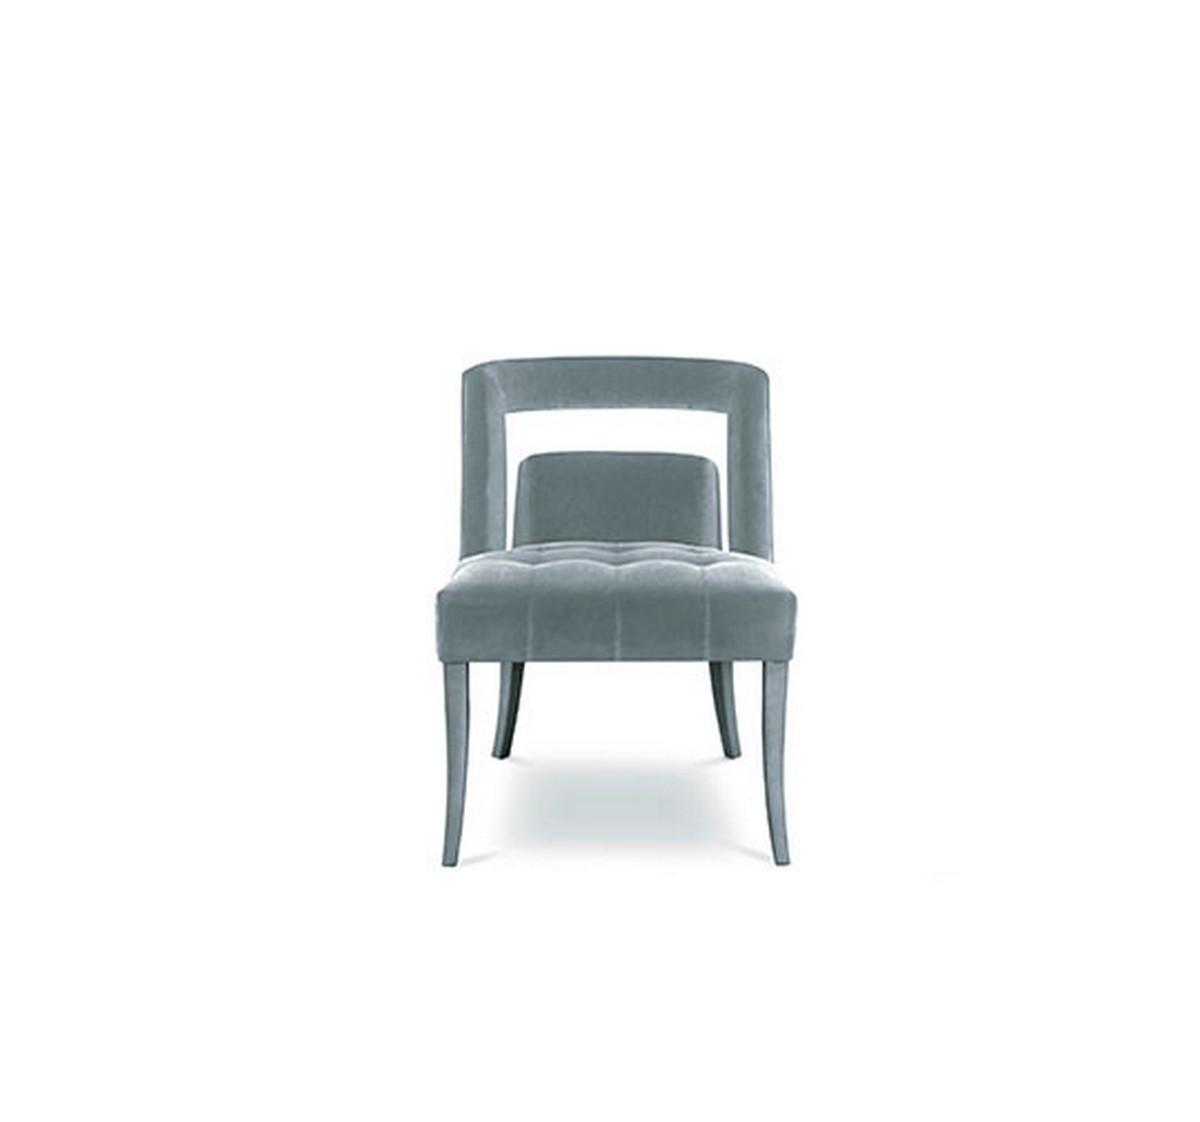 Diseño Moderno: Proyectos minimalistas que puedes encuentrar la simplicidad diseño moderno Diseño Moderno: Proyectos minimalistas que puedes encuentrar la simplicidad naj dining chair mid century modern design 1